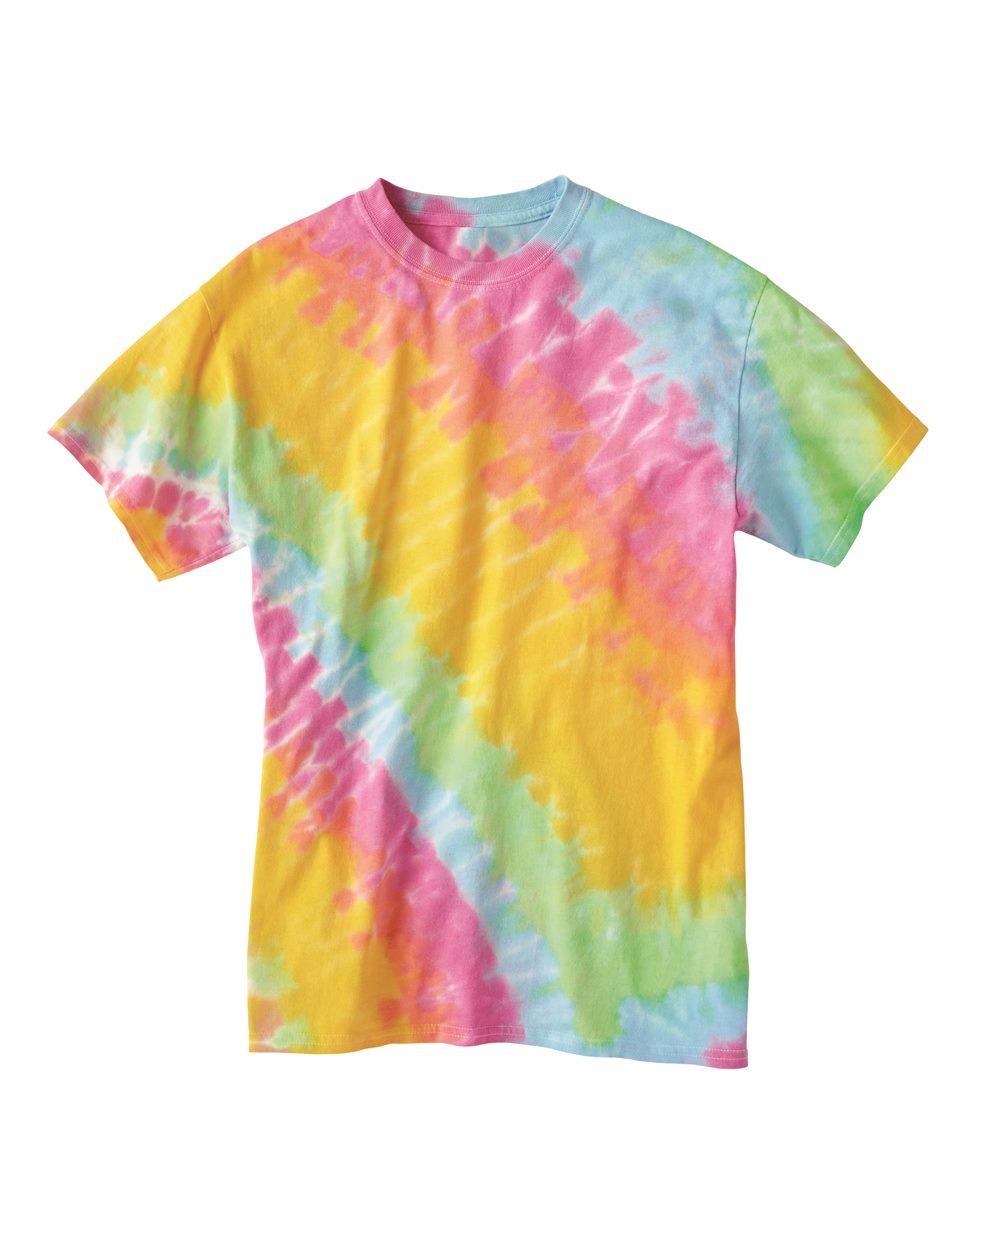 7cf96404c58 Dyenomite 200TL - Tilt Tie Dye Tee  7.31 - T Shirts